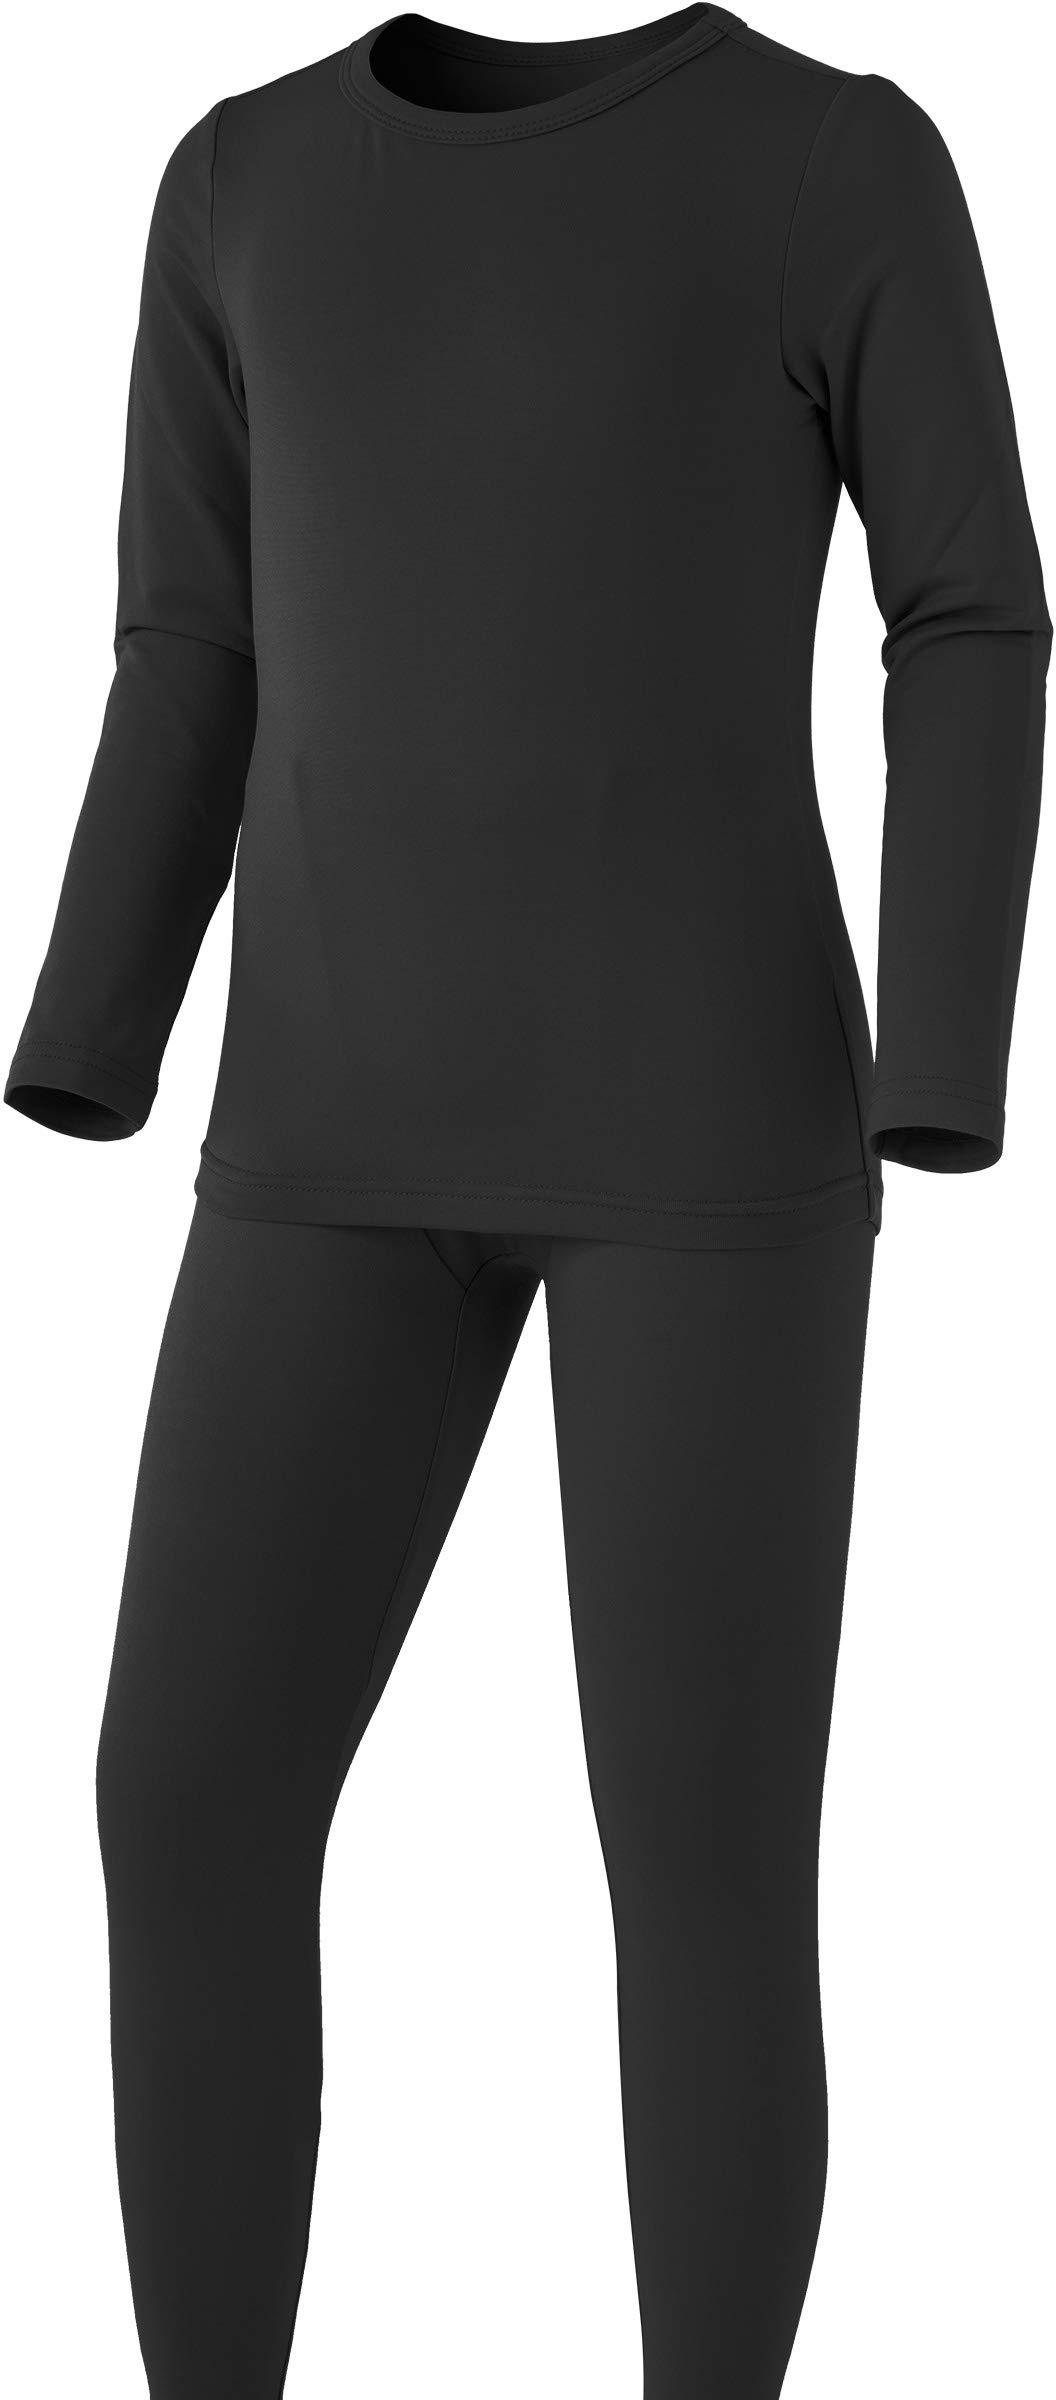 TSLA Boy's Microfiber Soft Fleece Lined Warm Thermal Top & Bottom Set, Boy Set(khs300) - Black, Small (Height 4ft2in - 4ft5in) by TSLA